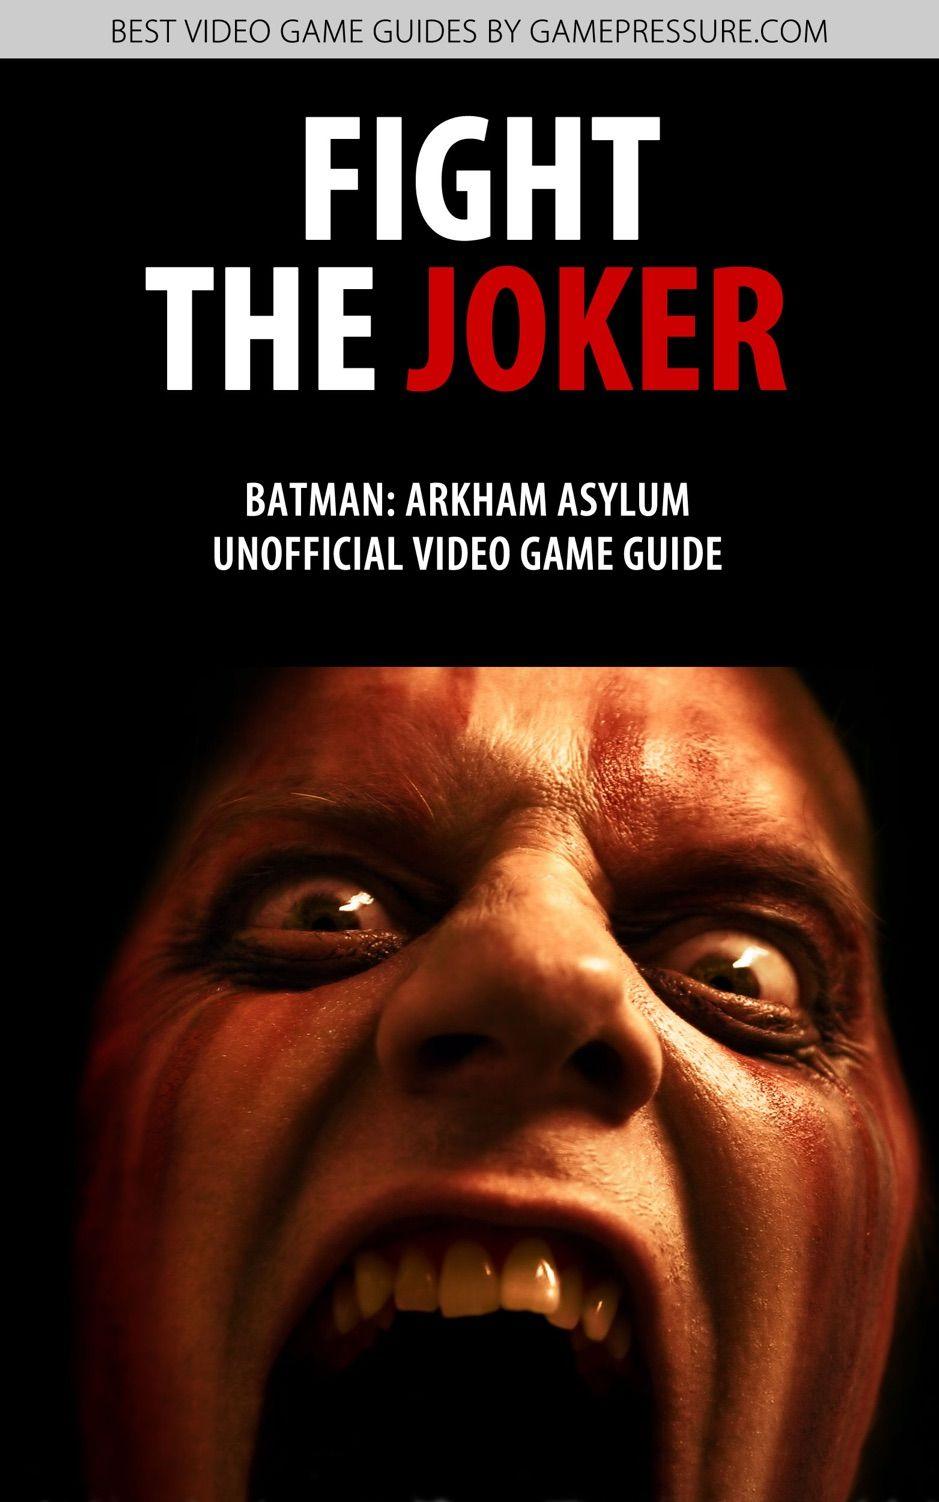 Fight the Joker Batman Arkham Asylum Unofficial